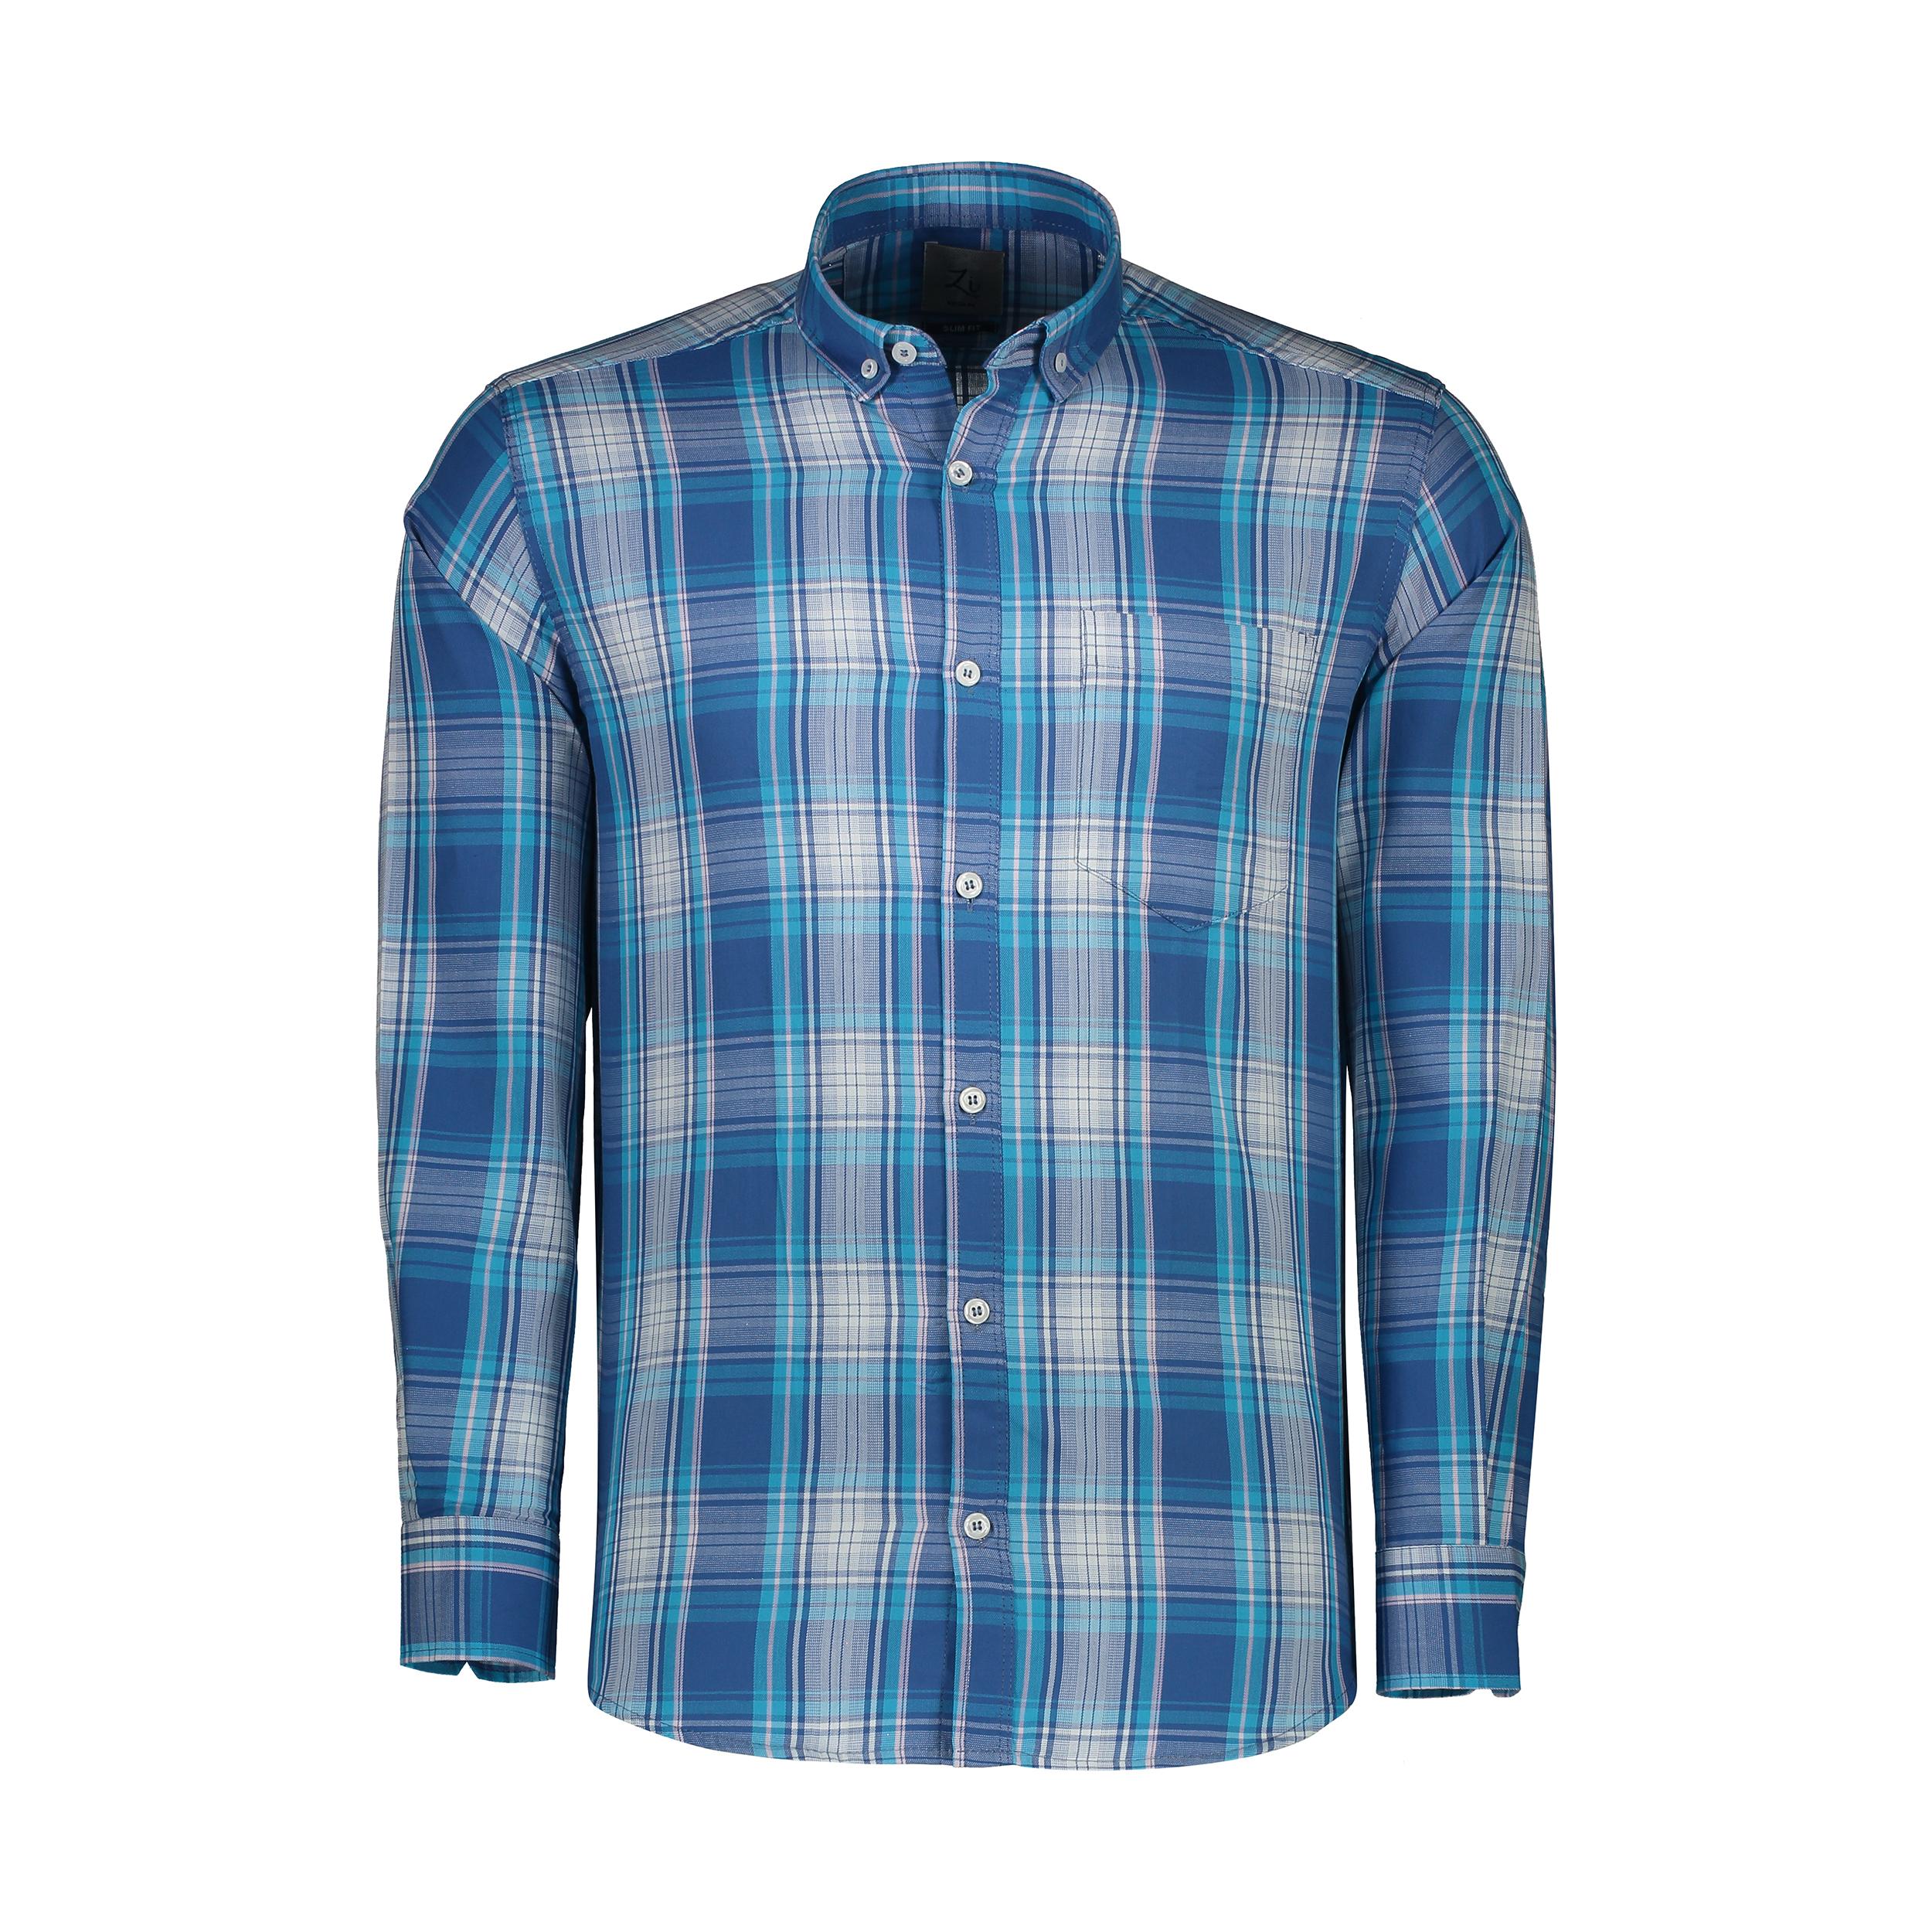 پیراهن آستین بلند مردانه زی مدل 1531350MC